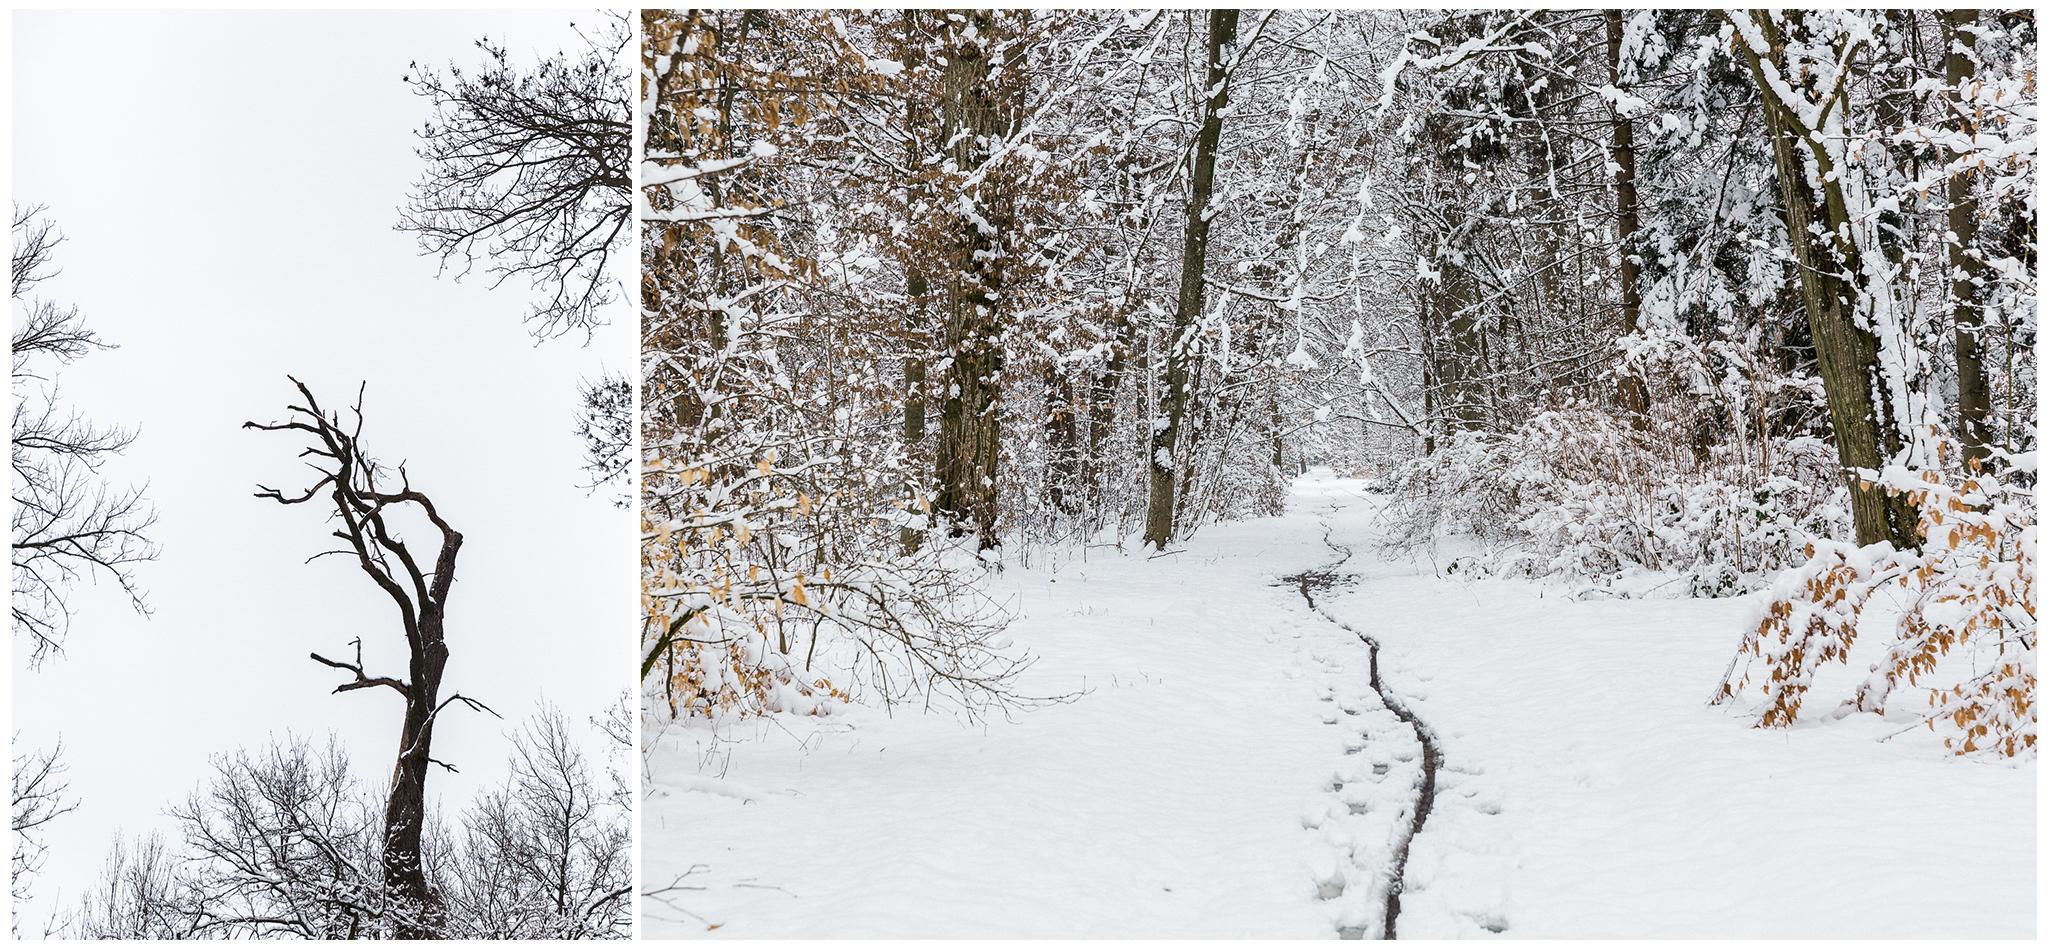 Körmend,Várkert,tél,2018,Fülöp Péter, fylepphoto, Vasmegye, Dunántúl_010.jpg